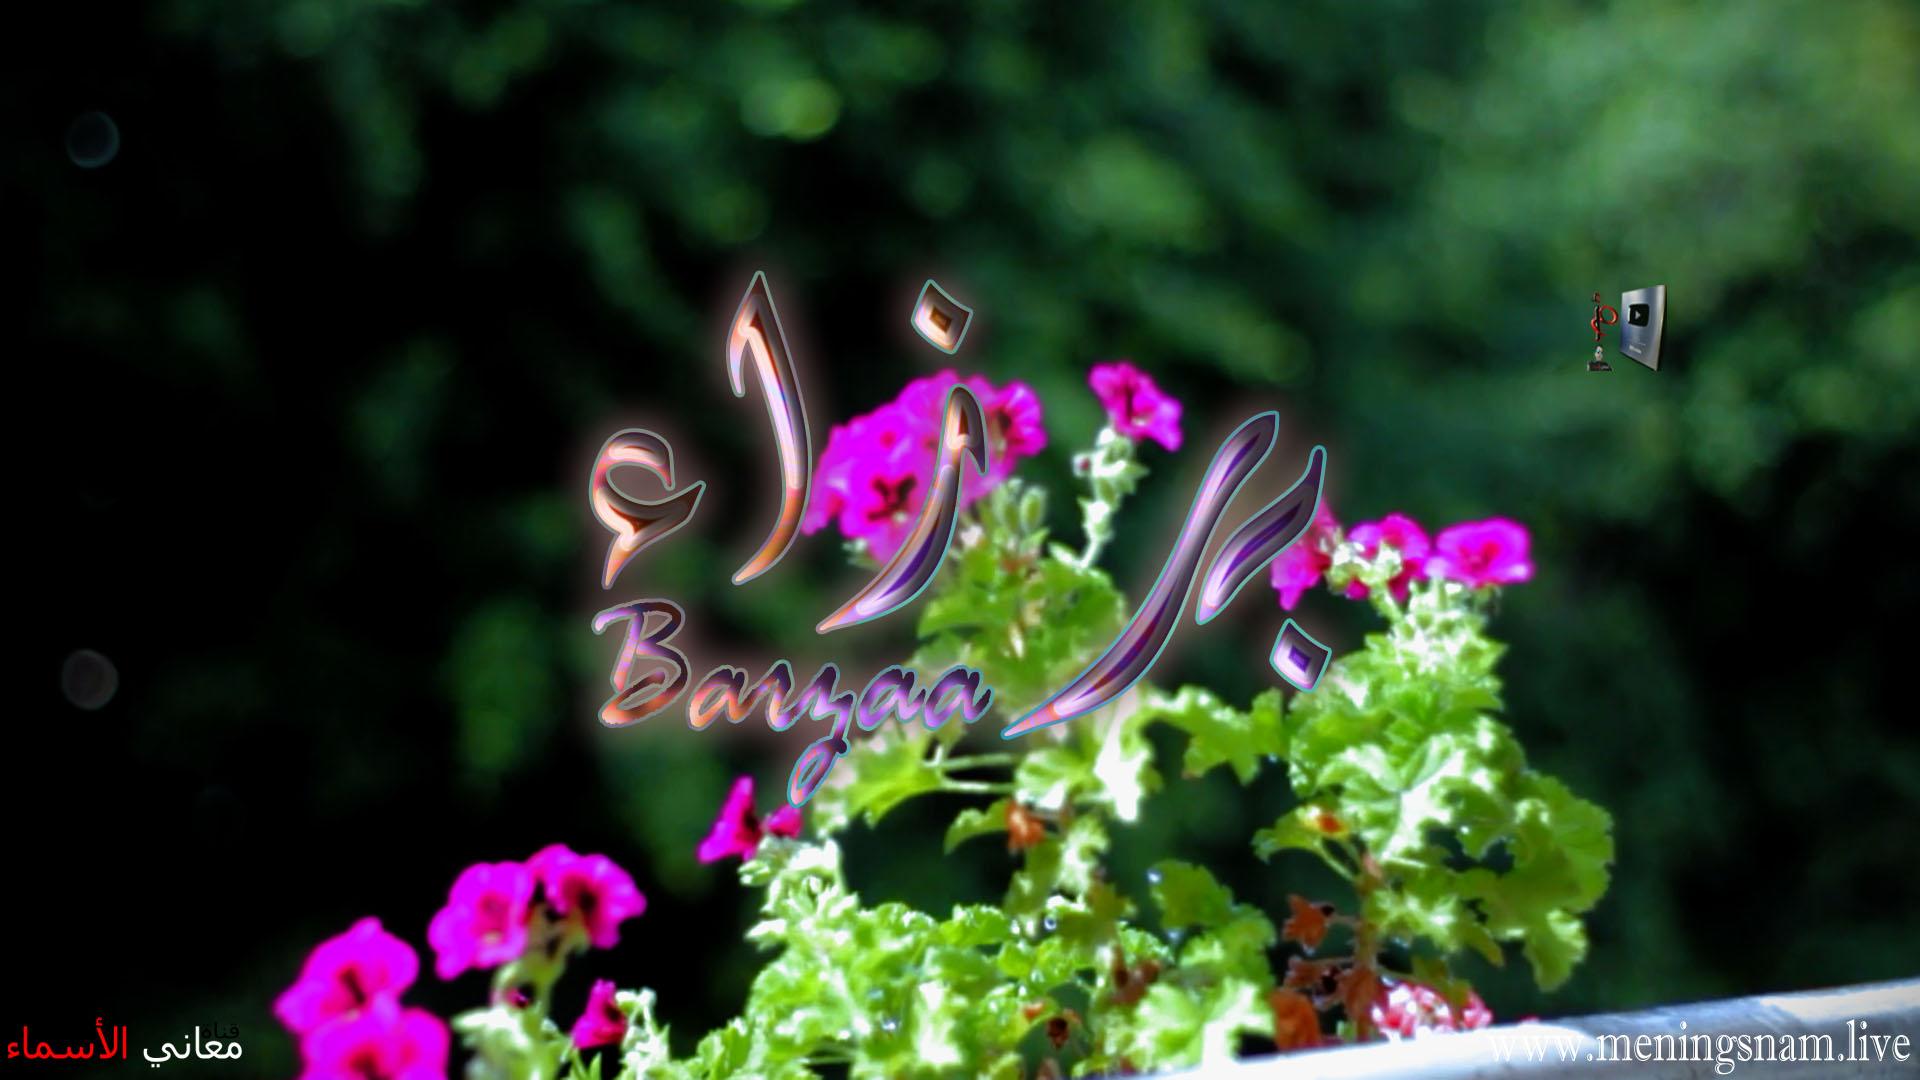 معنى اسم برزاء وصفات حاملة هذا الاسم Barzaa